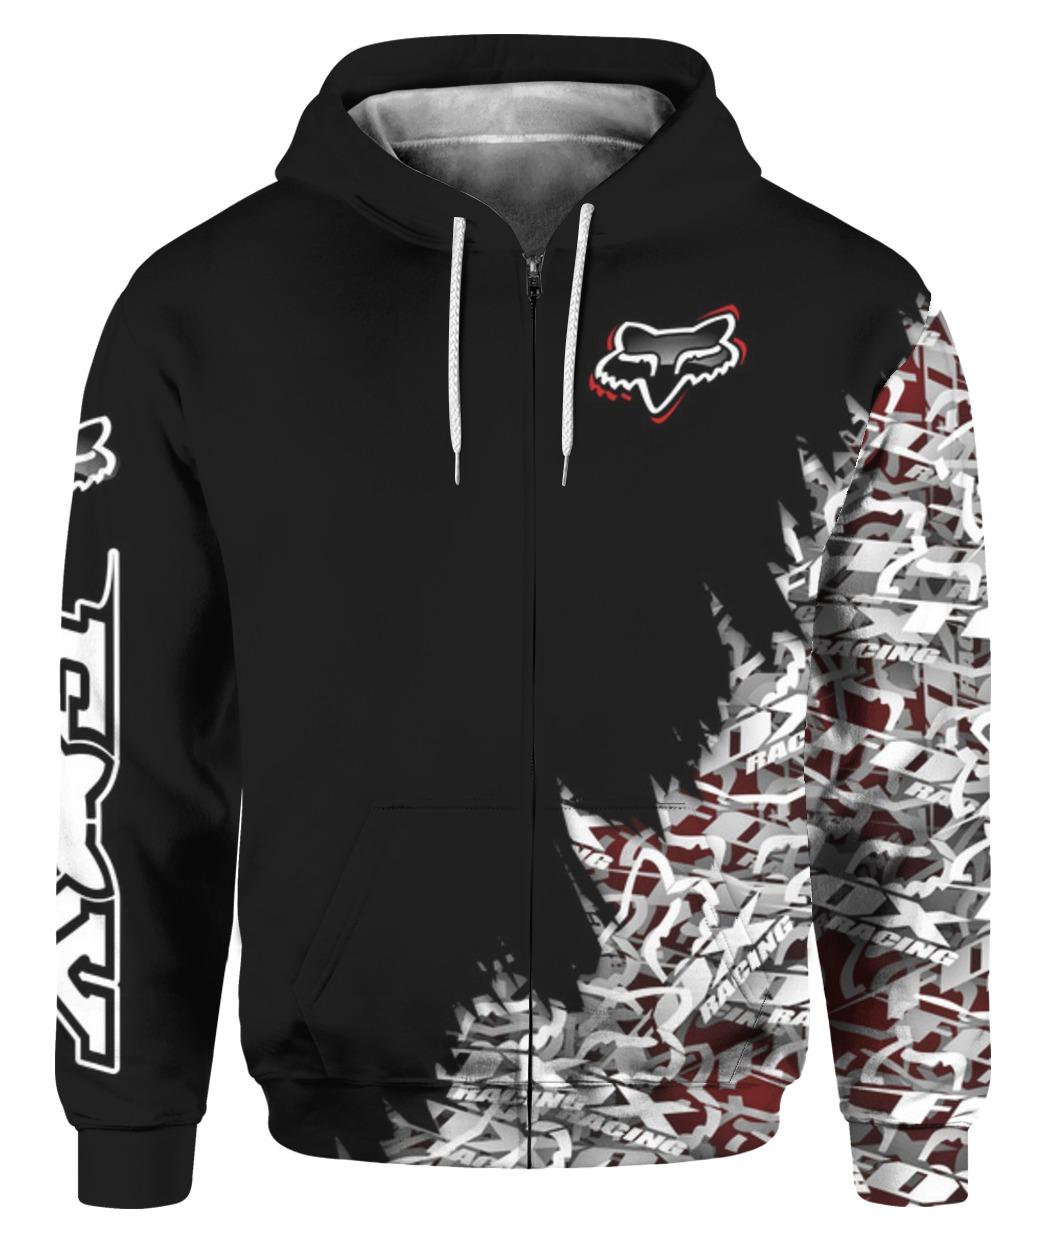 Fox racing full printing zip hoodie